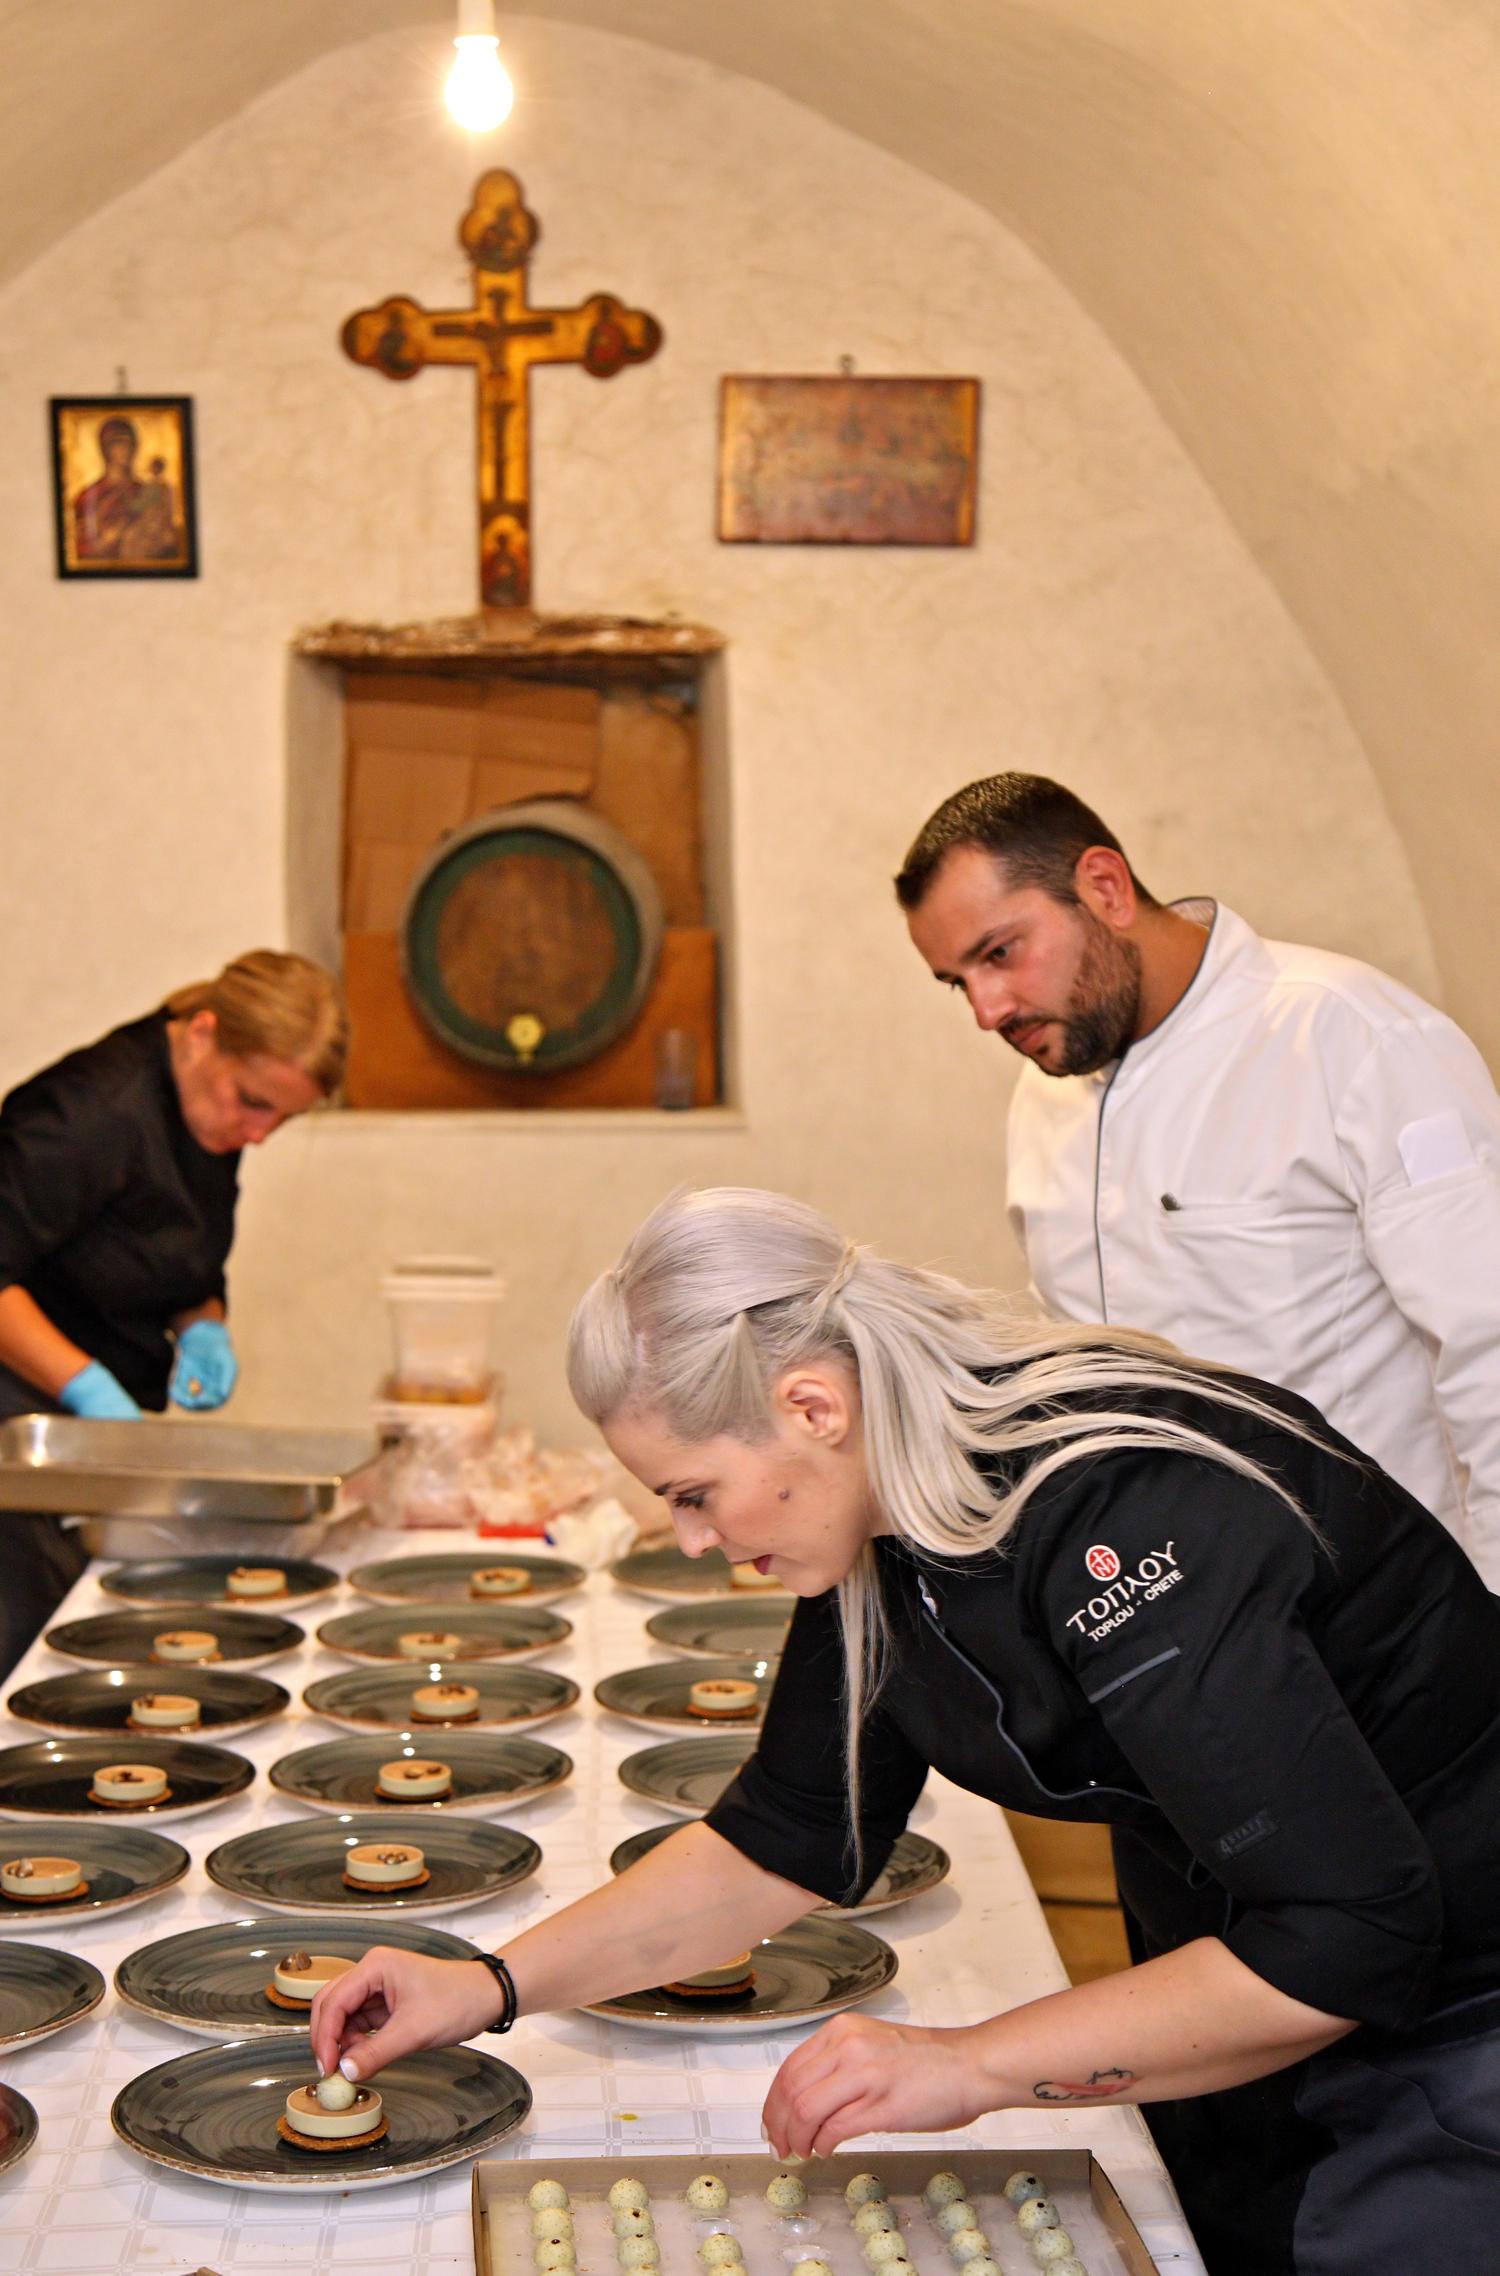 Η Κωνσταντίνα φροντίζει τις τελευταίες λεπτομέρειες στα πιάτα του δείπνου που απολαύσαμε στη Μονή Τοπλού